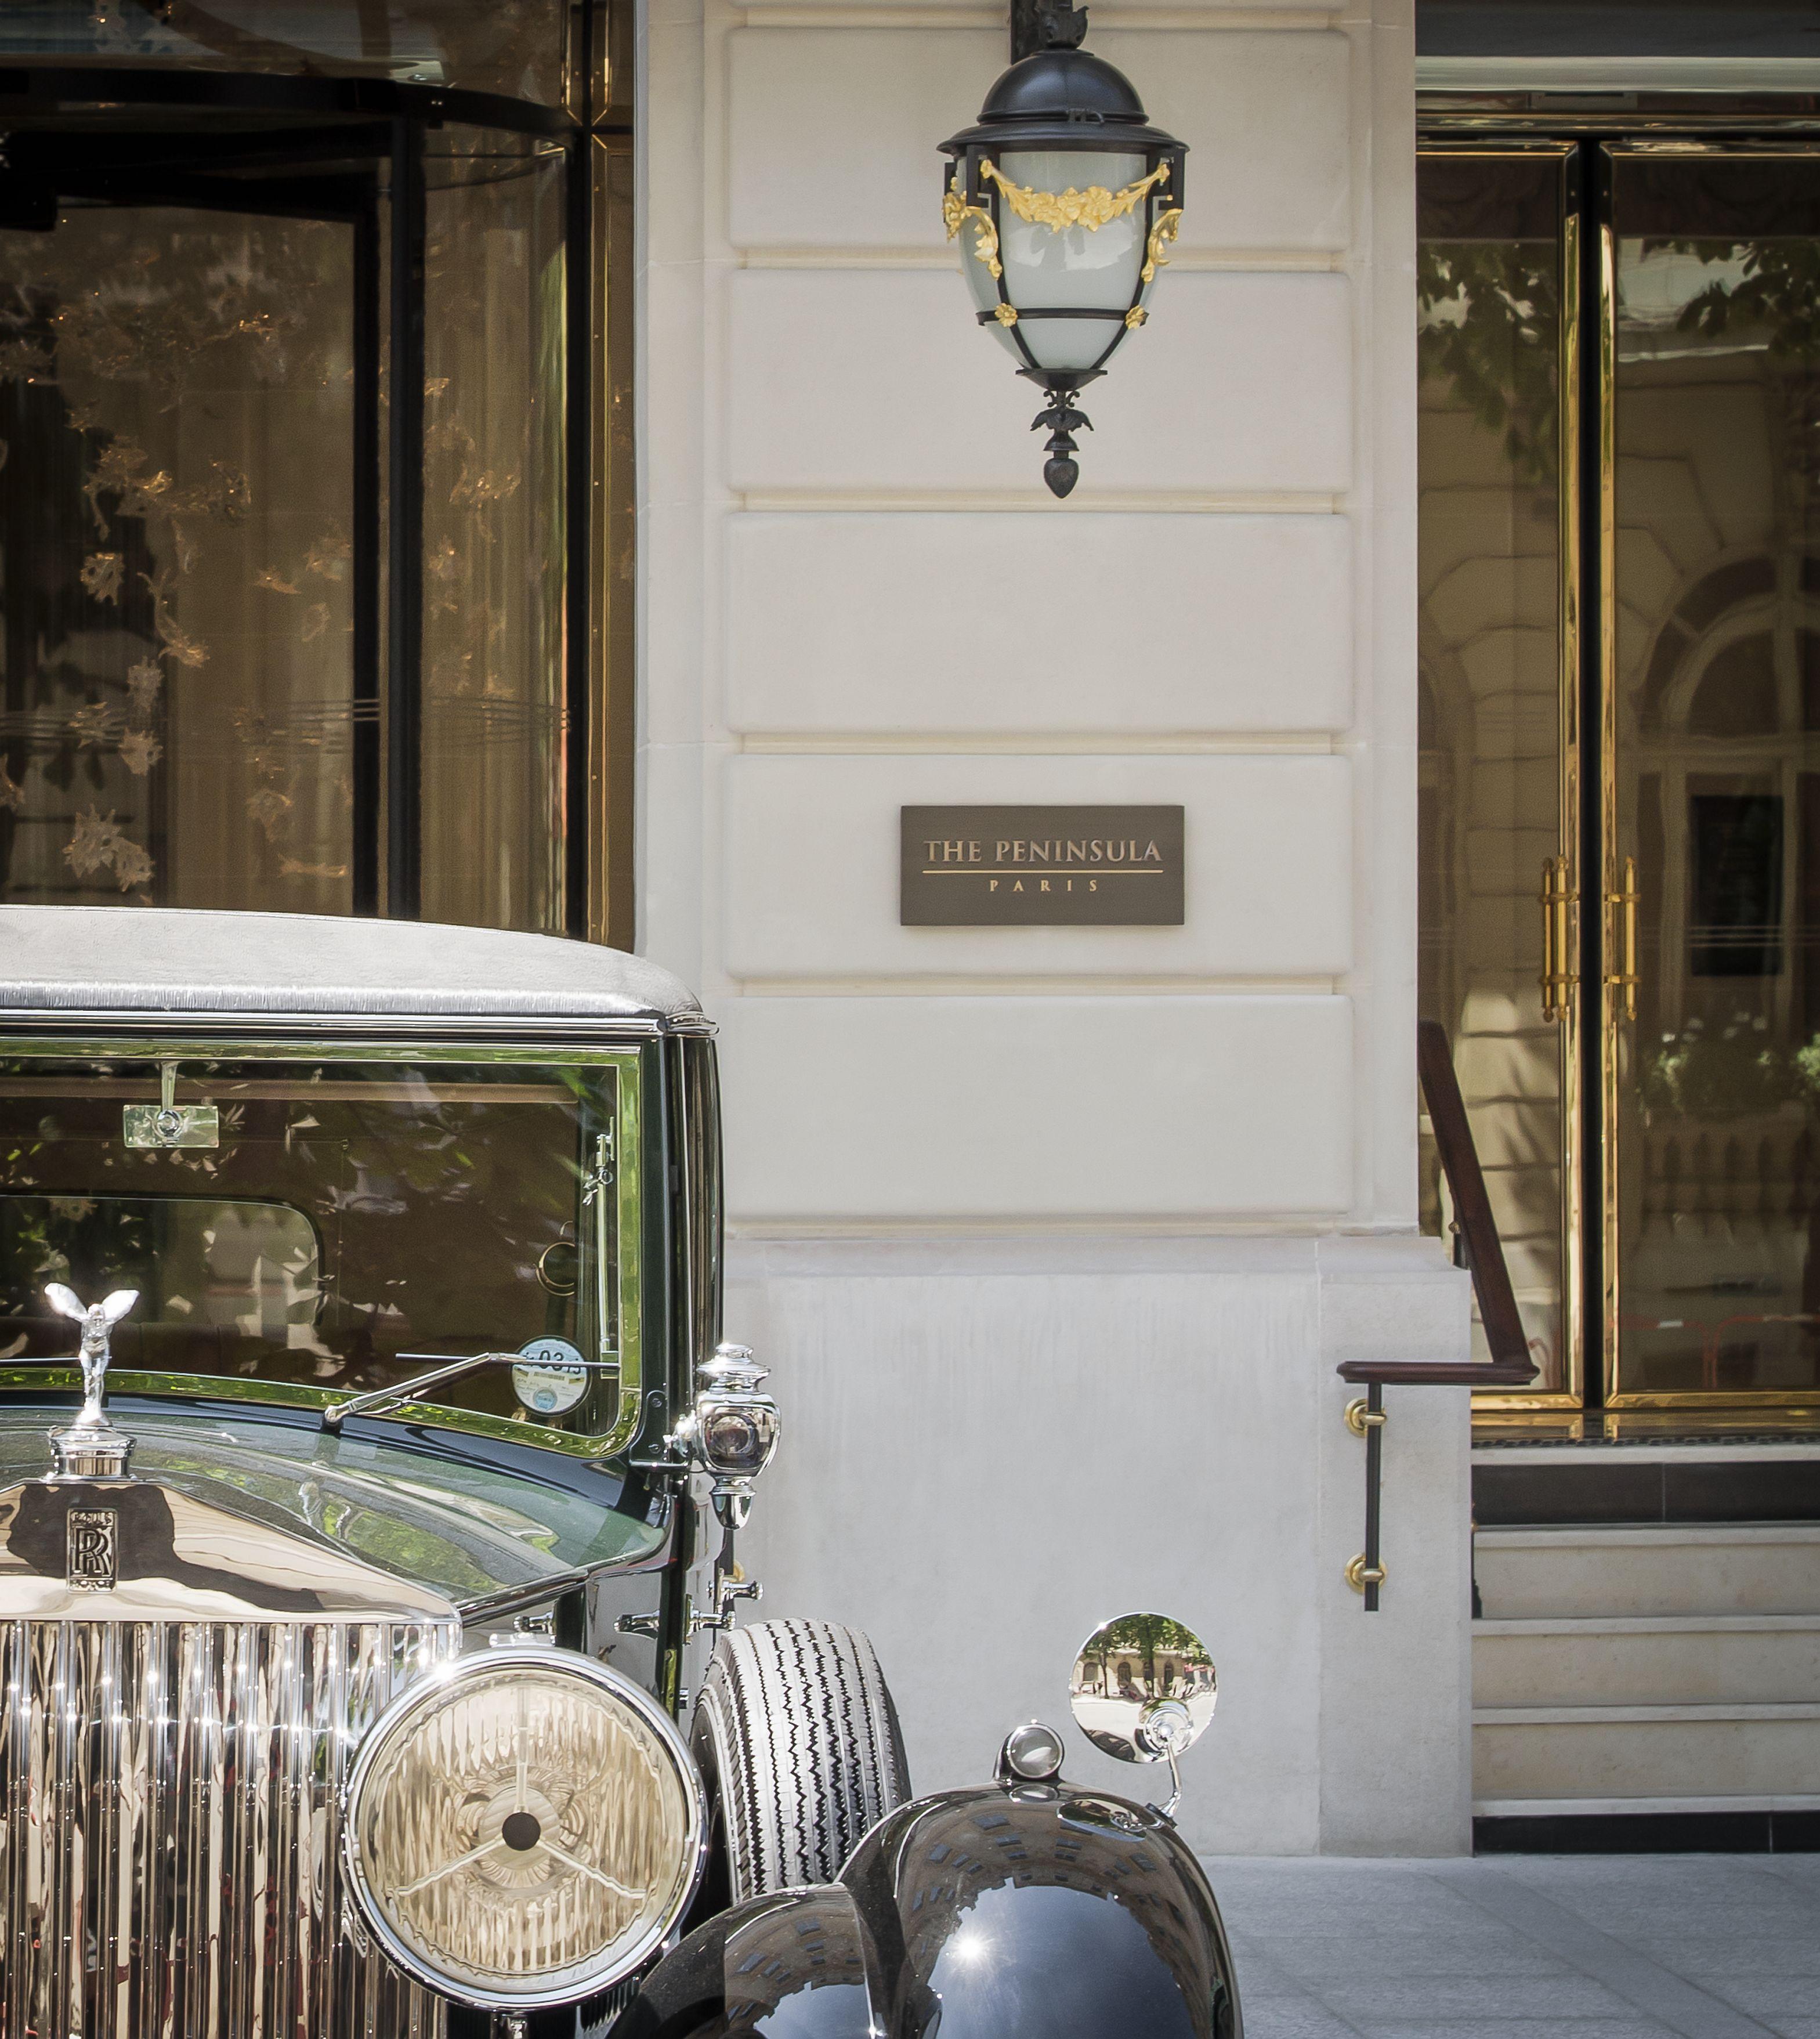 PPR Rolls-Royce